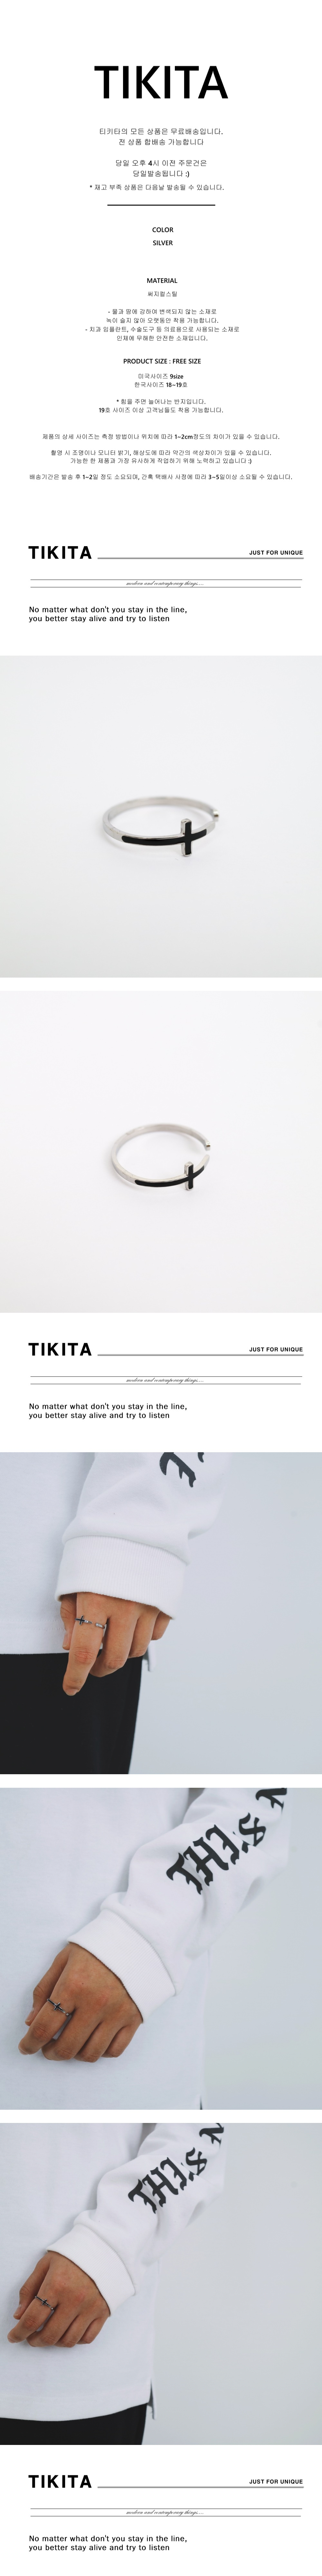 남자 반지 레이어드 십자가 써지컬 thin black cross - 티키타, 39,000원, 남성주얼리, 반지